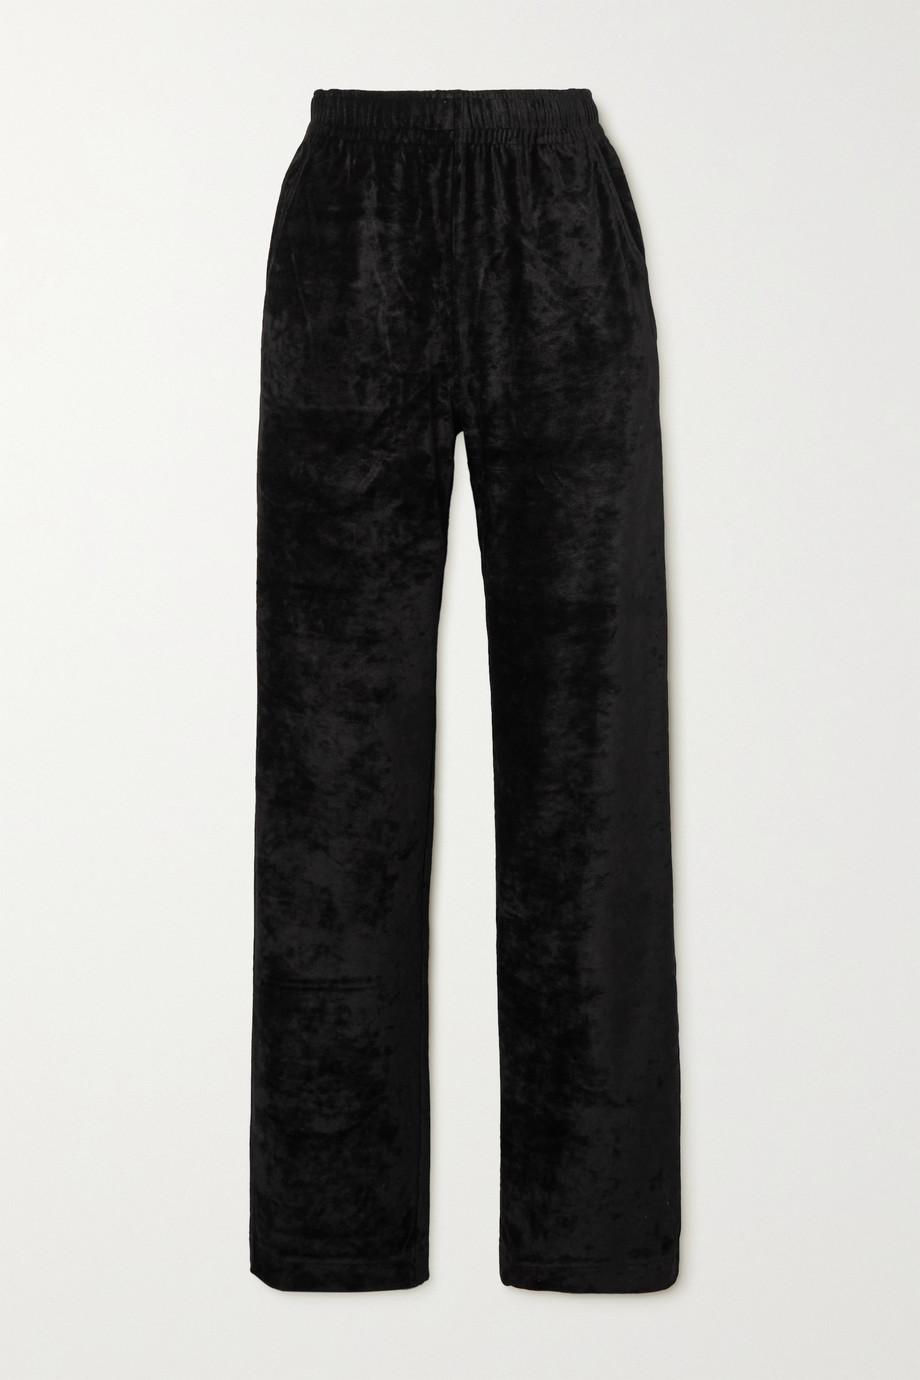 Givenchy Pantalon de survêtement en velours stretch